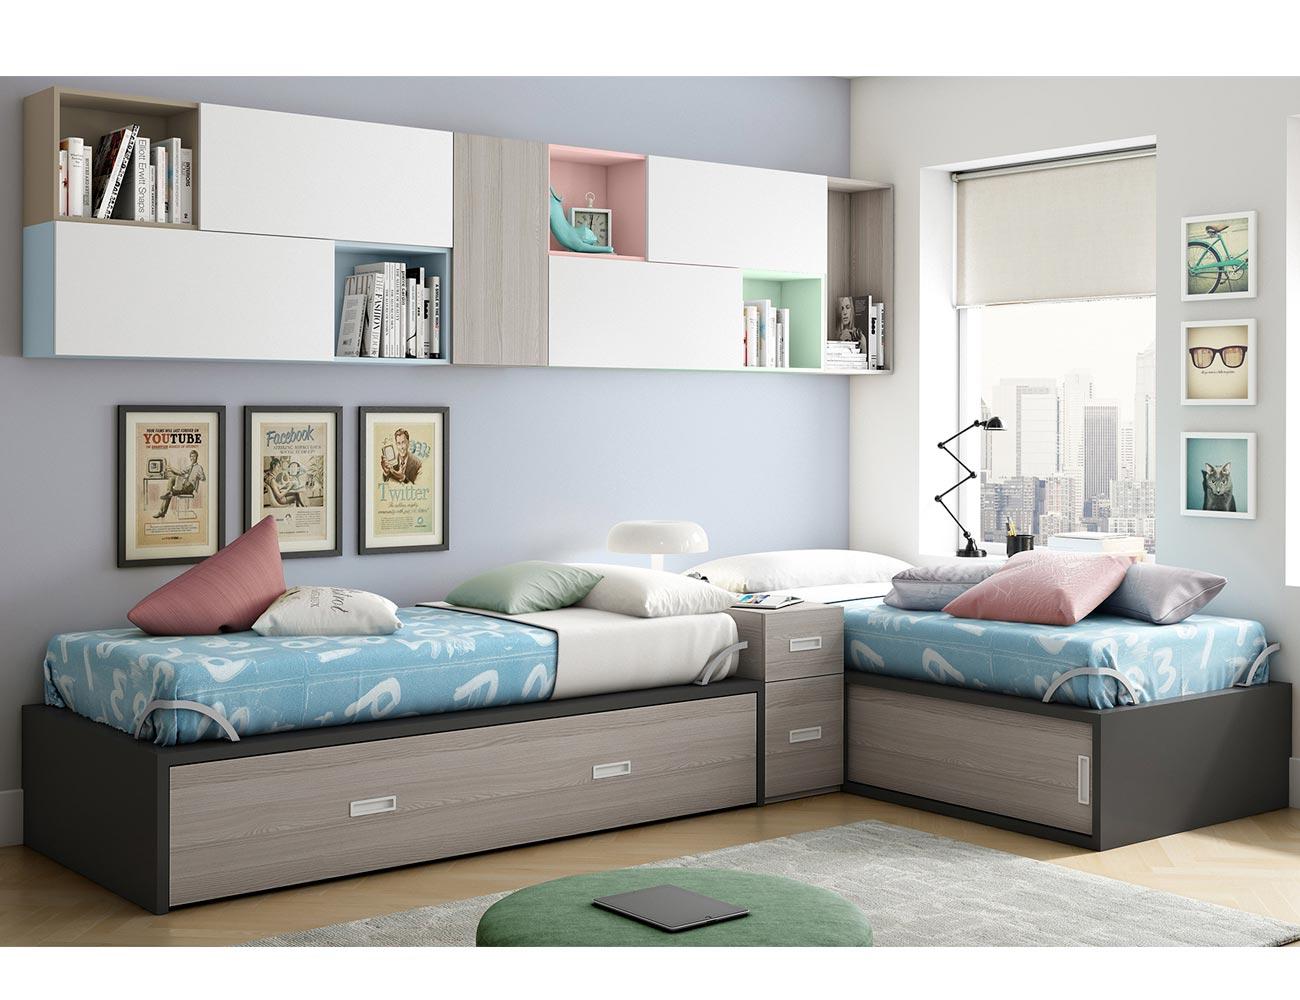 dormitorio juvenil con dos cama nido dispuestas en l